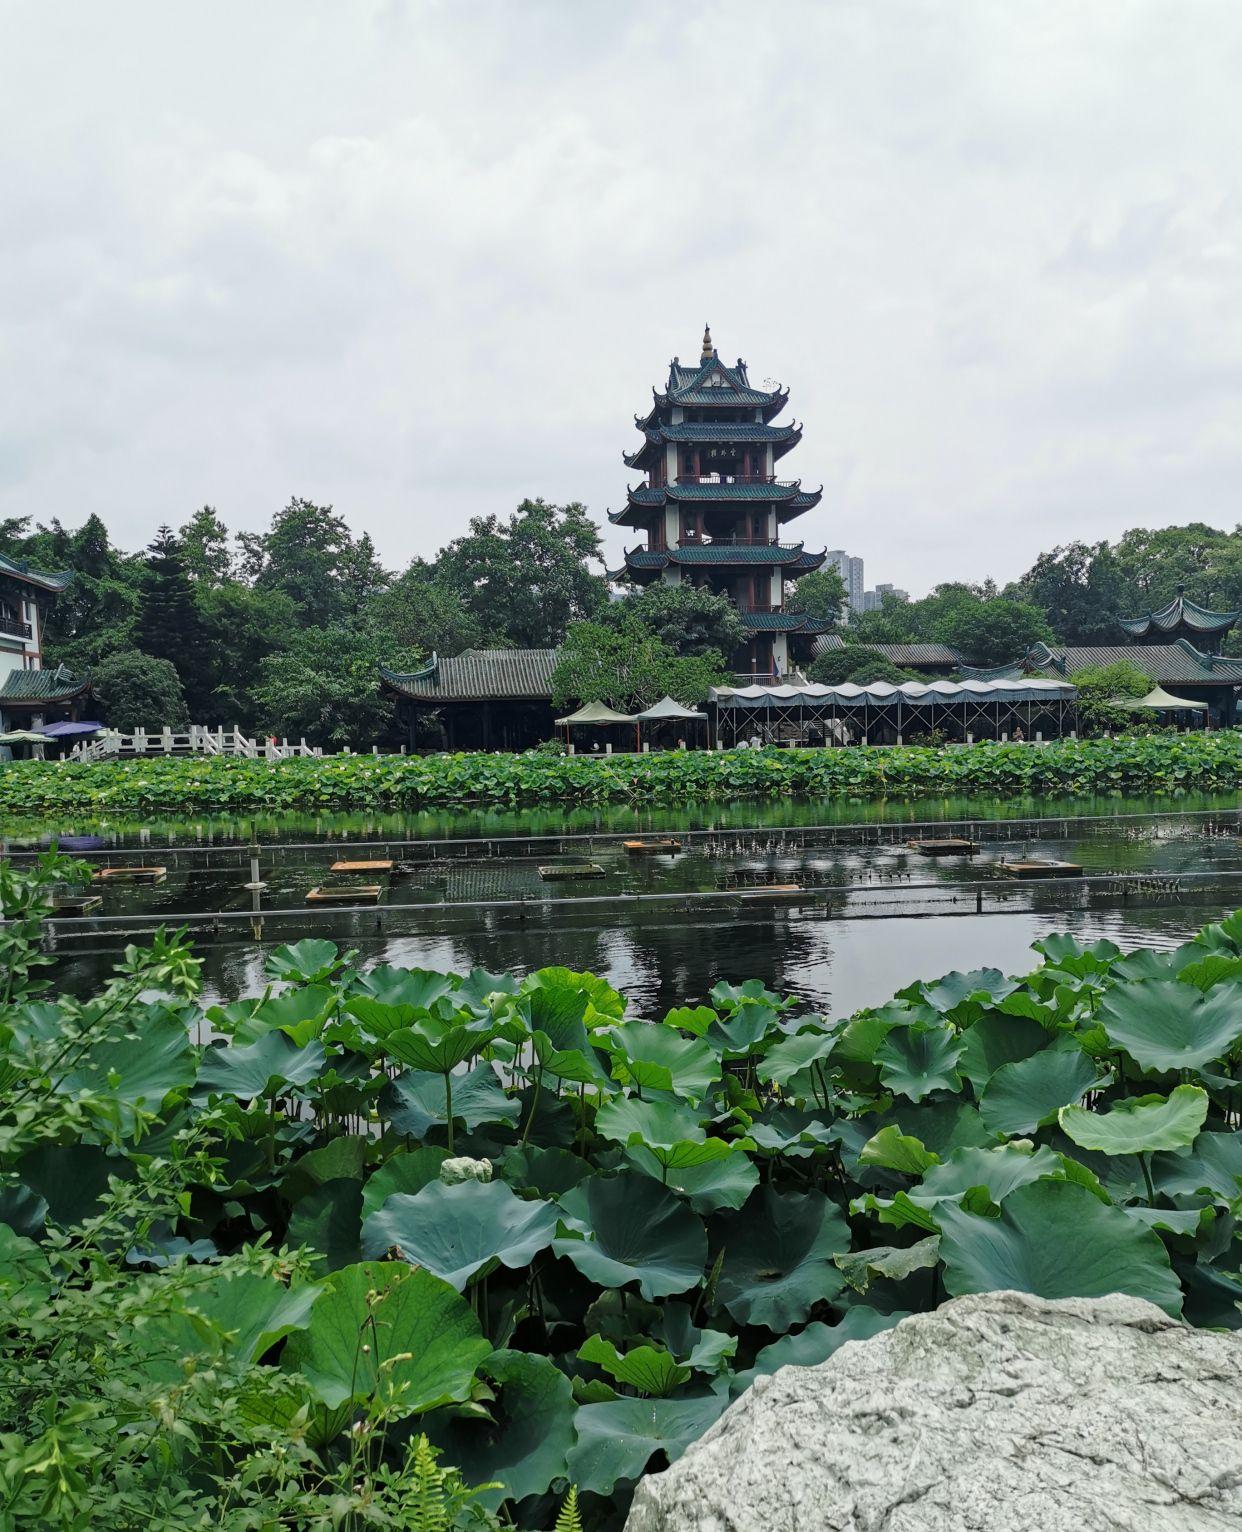 新都桂湖公园 桂湖公园 成都市新都区桂湖